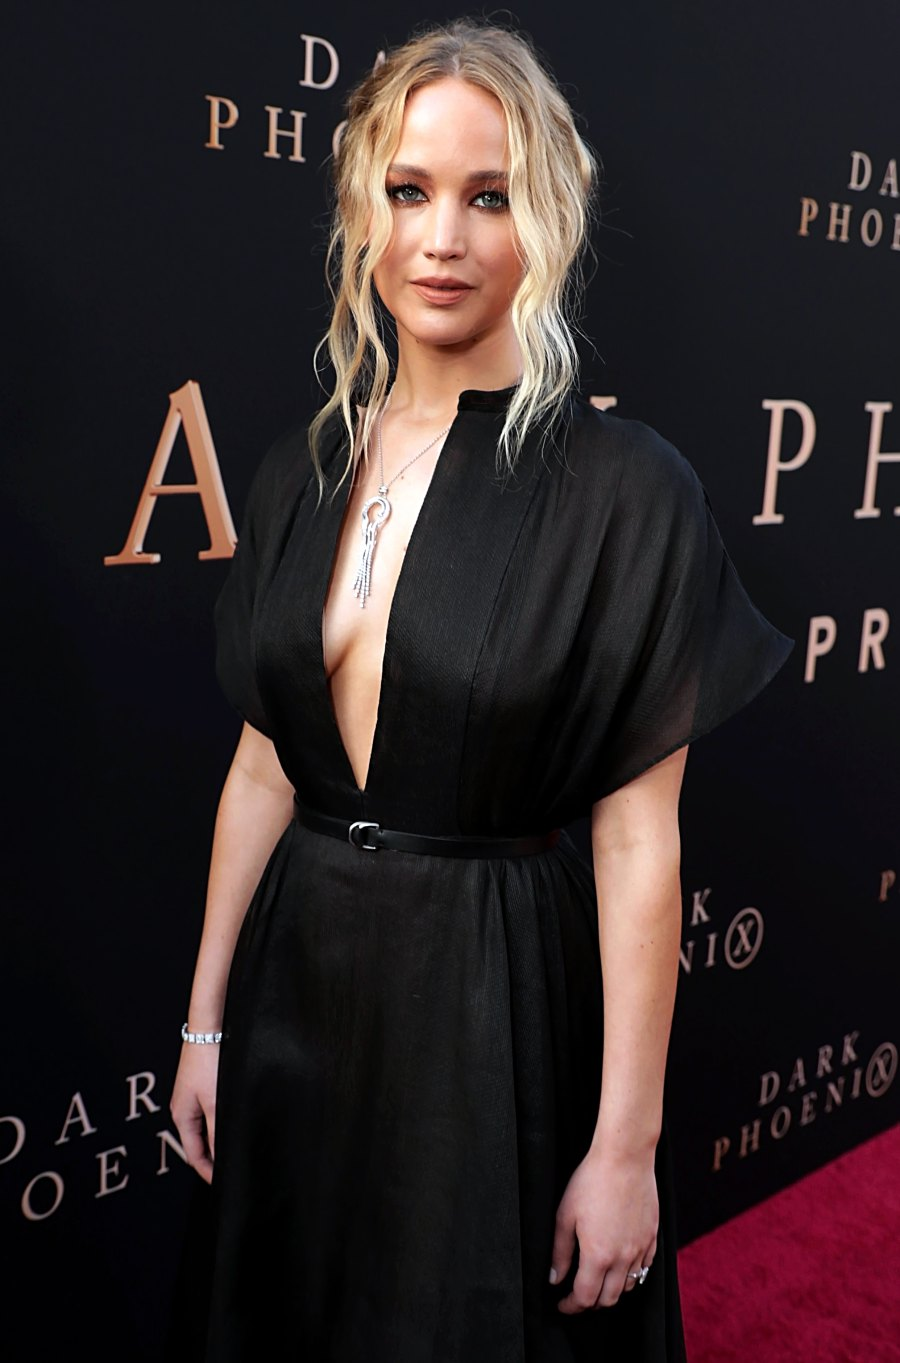 Jennifer Lawrence Celebrities Who Believe In Aliens